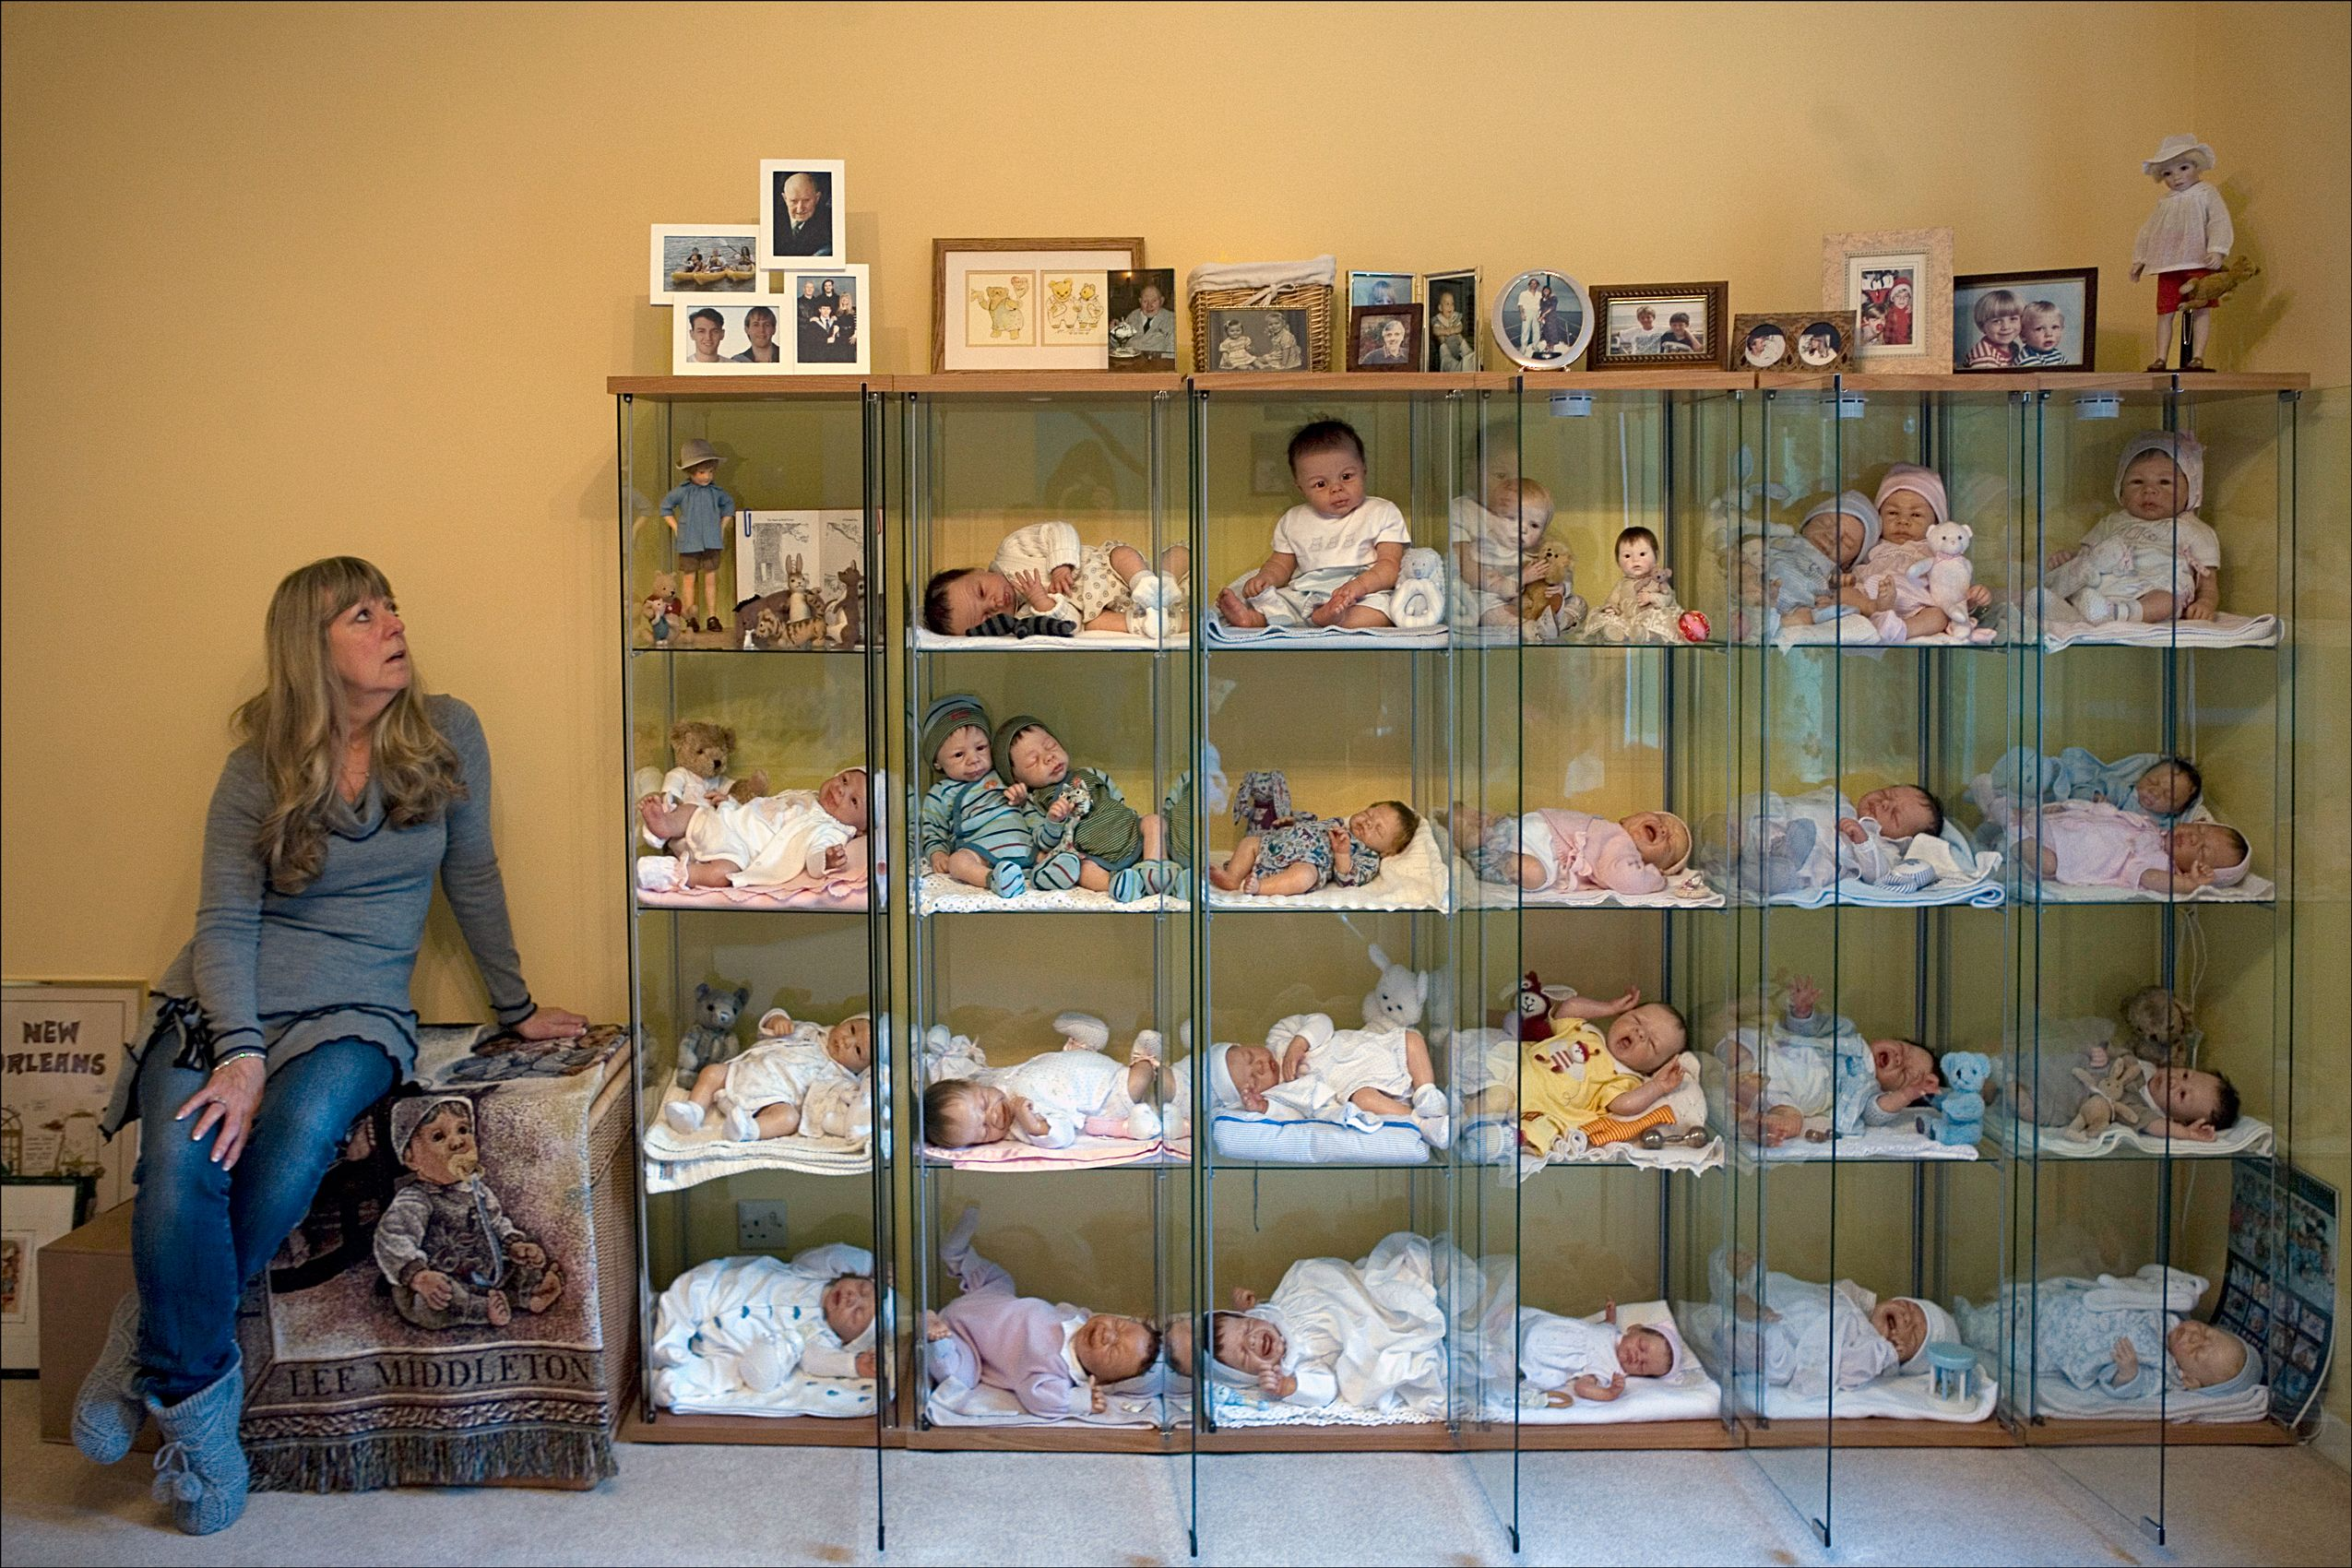 Salli and Nursery